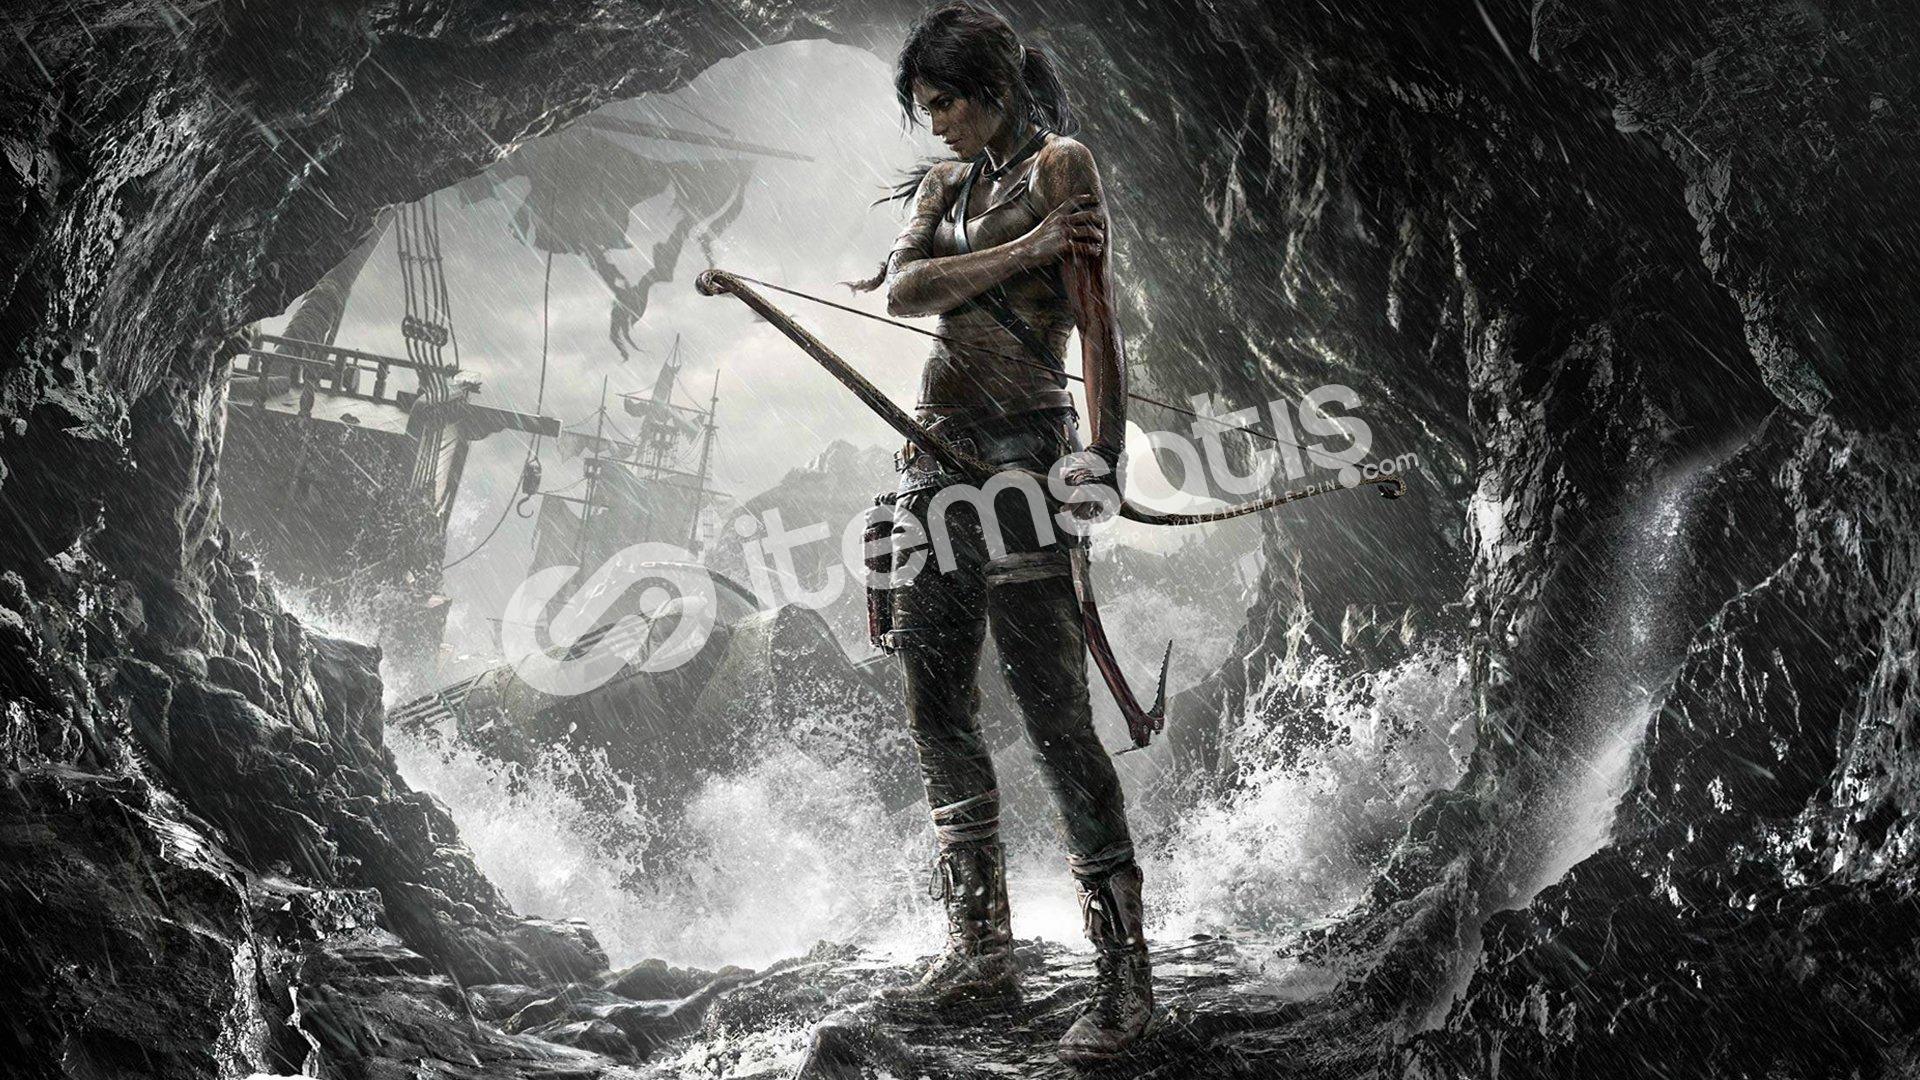 Tomb Raider + HEDİYE + GARANTİ